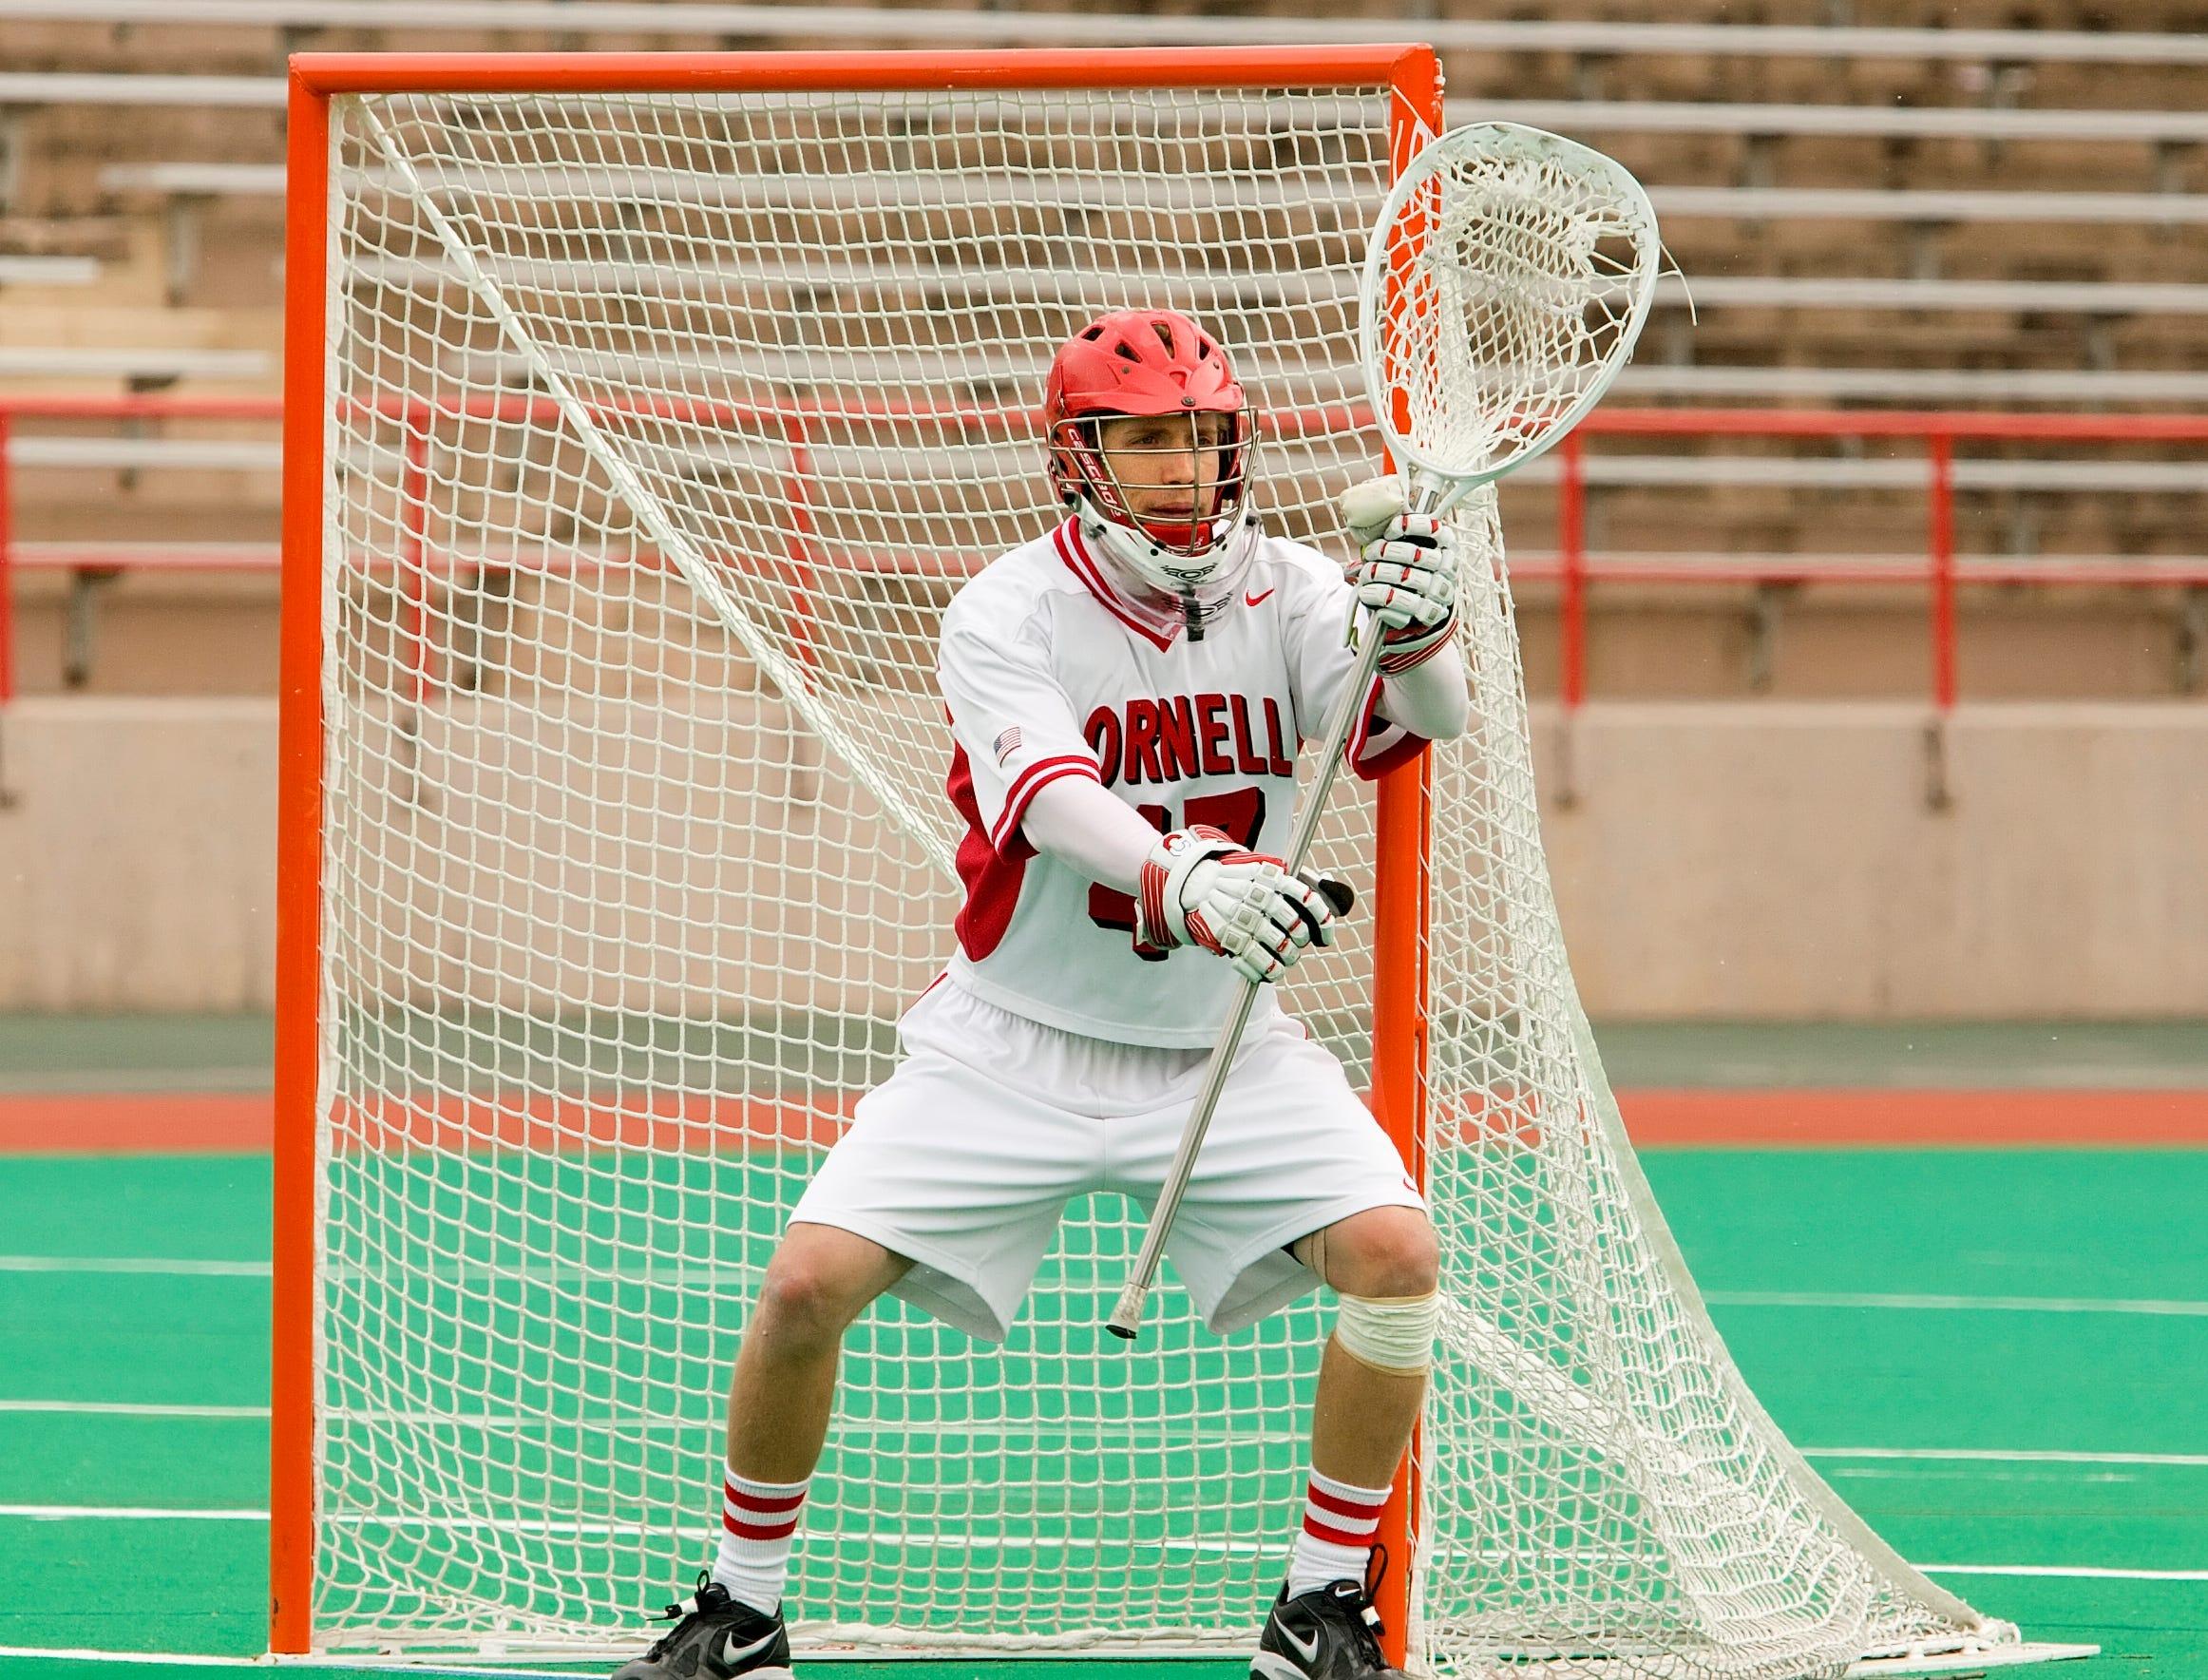 2007: Matt McMonagle Cornell Lacrosse